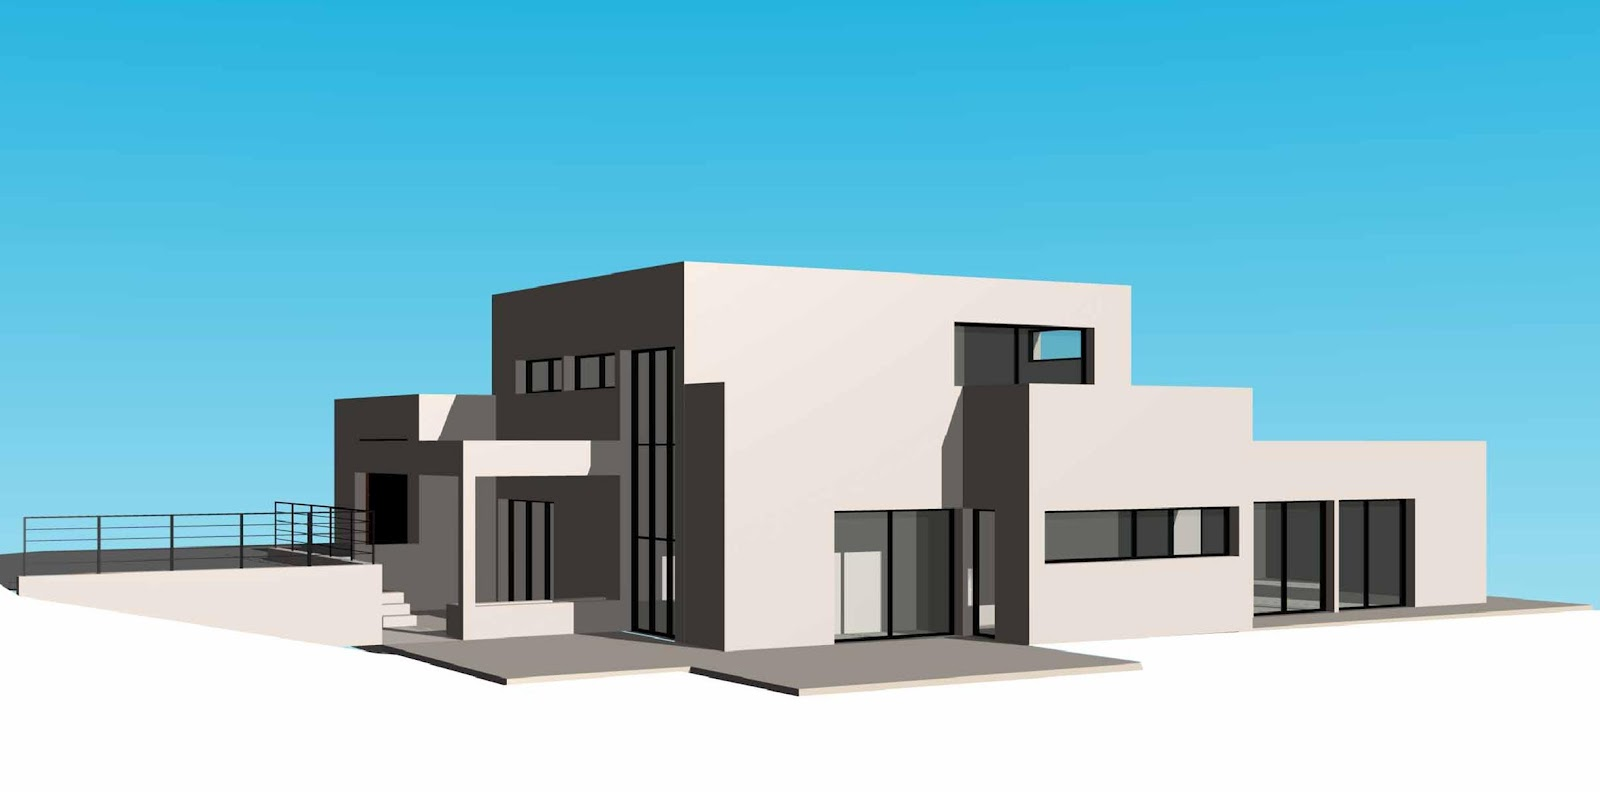 Diuzet architectures maison individuelle chartres de for Piscine 35 chartres de bretagne